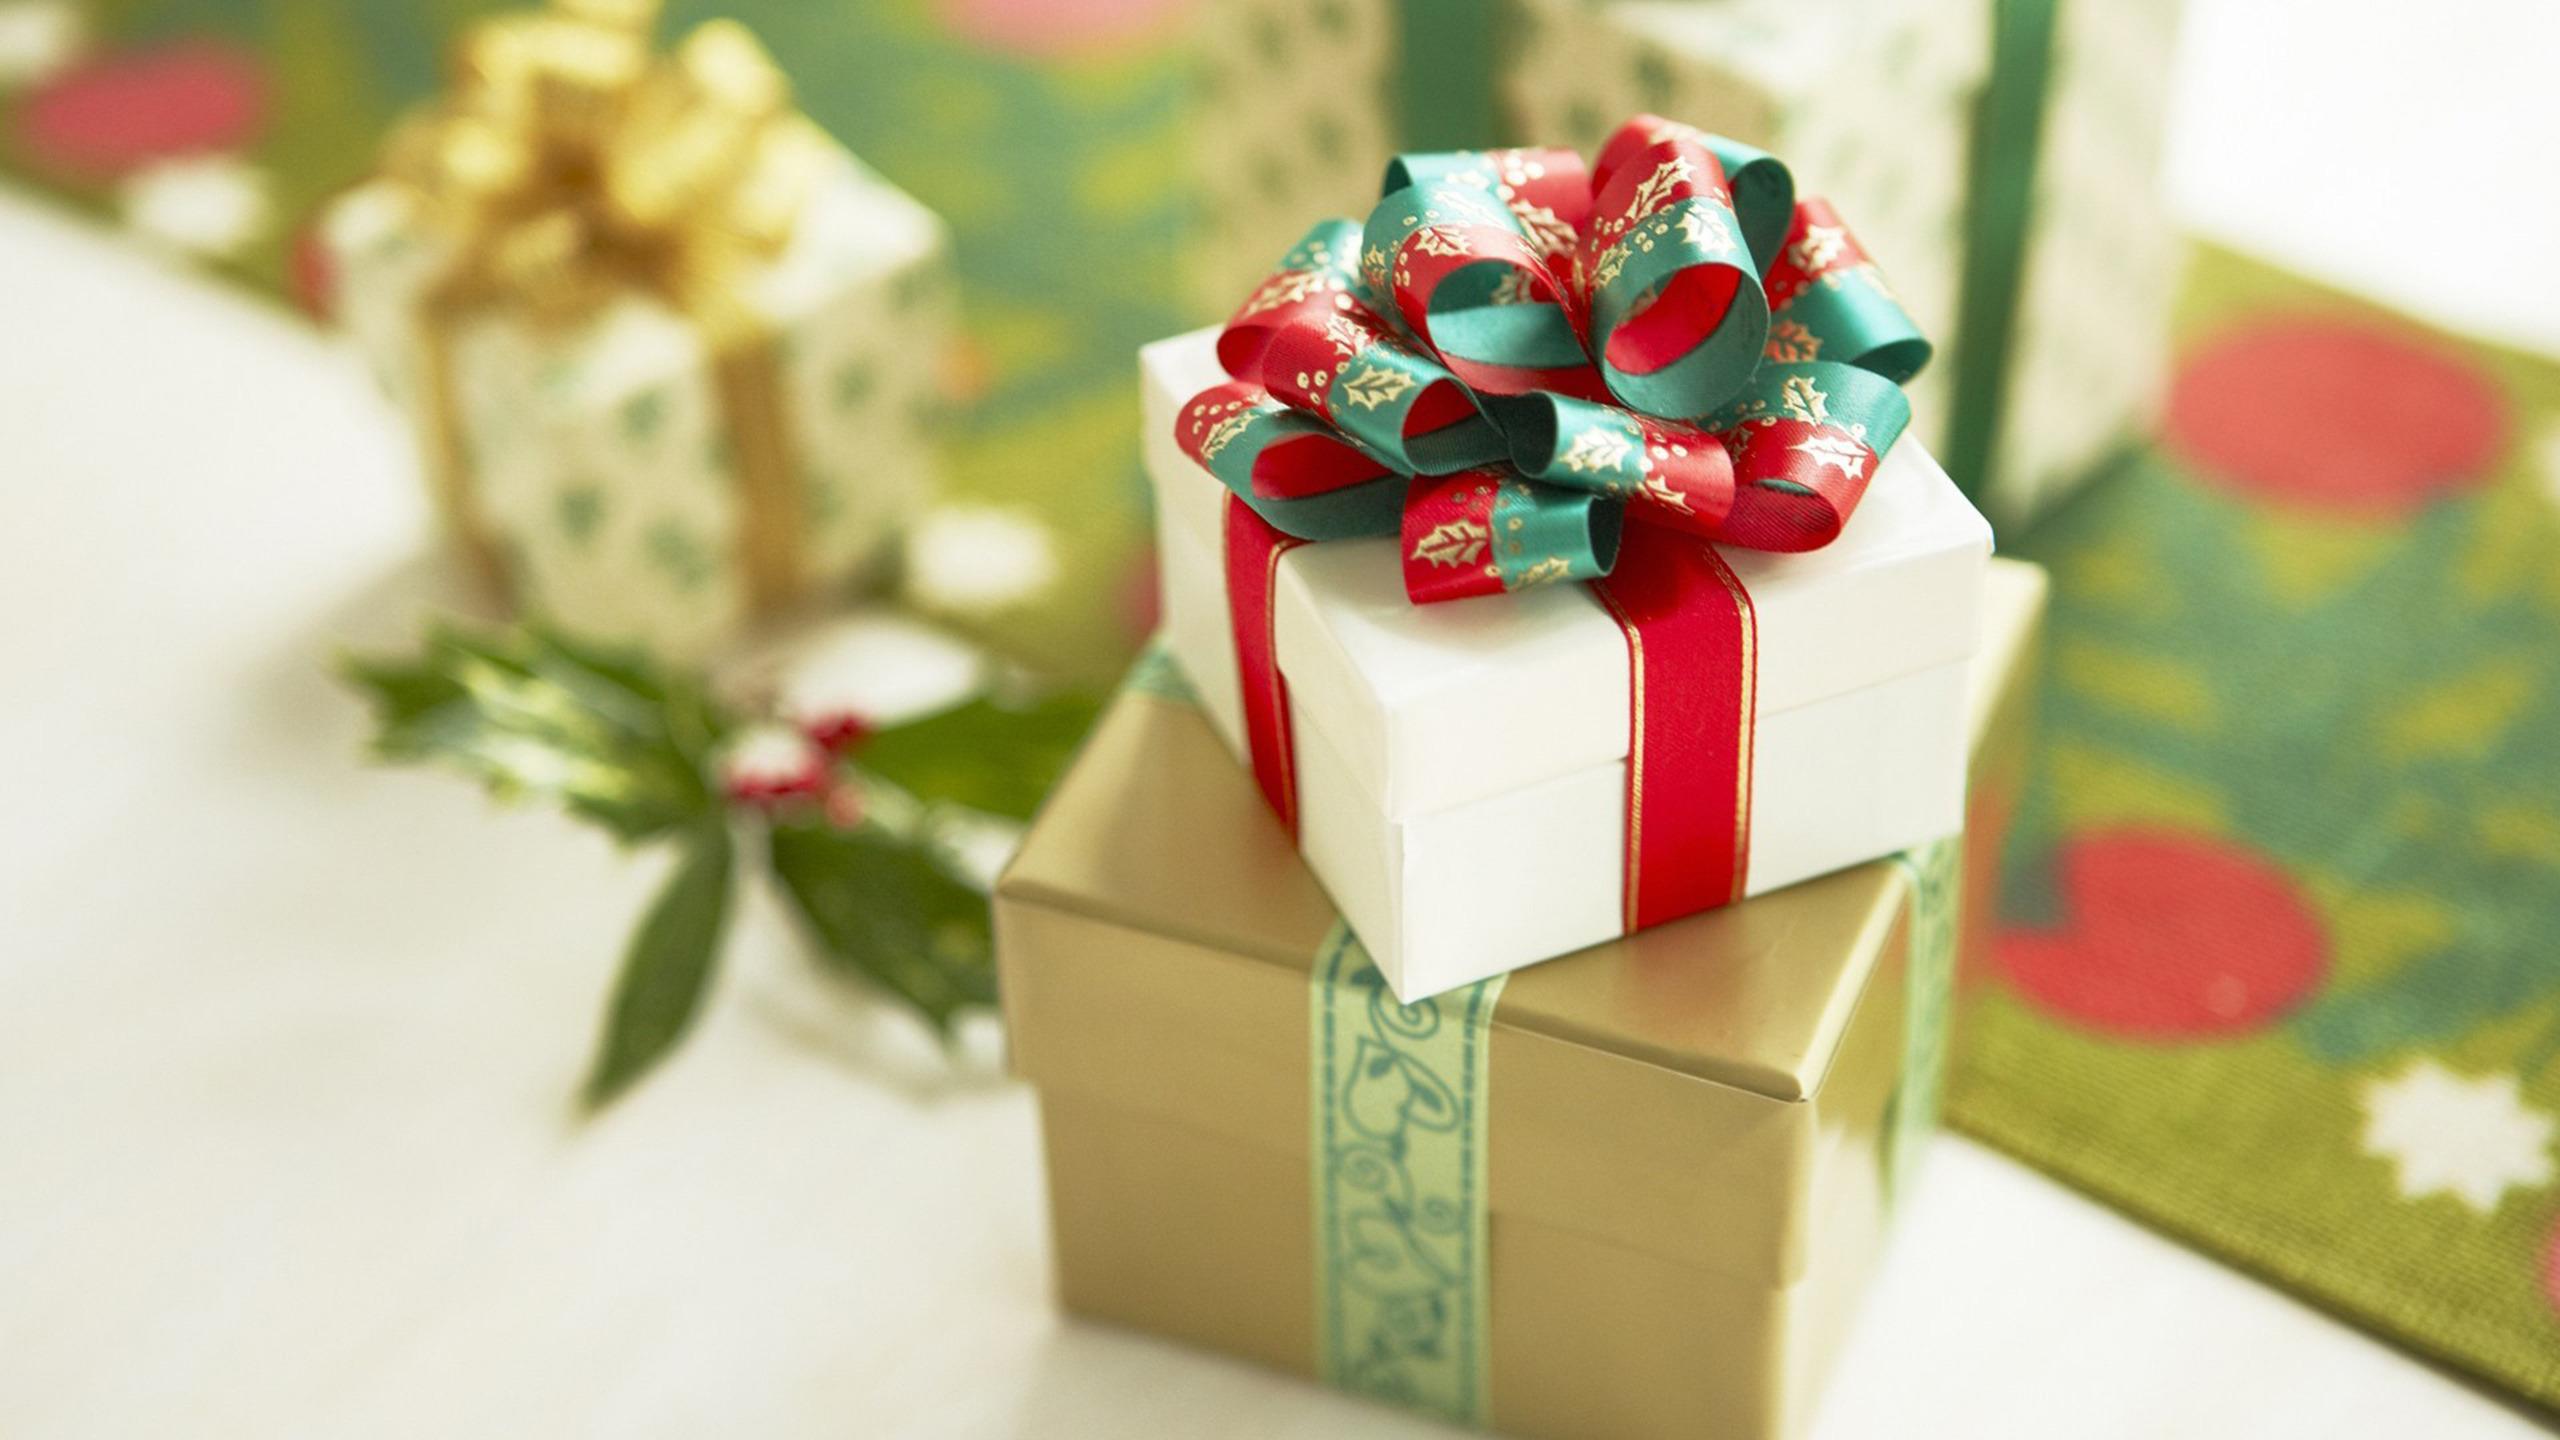 Открытка с подарком к дню рождения